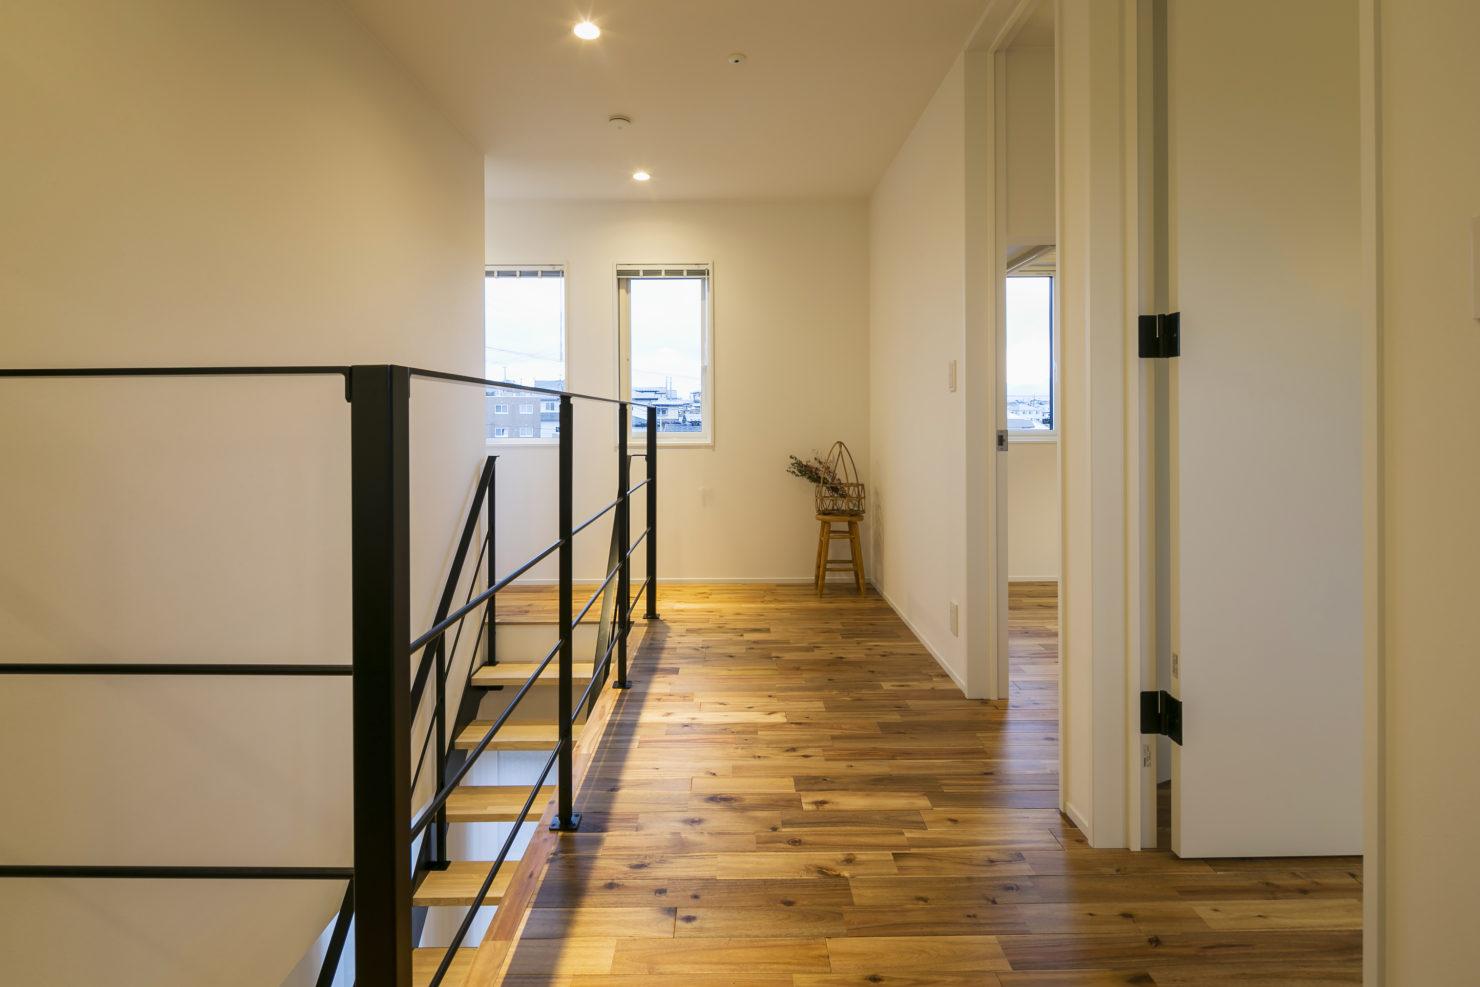 ハウスM21+archi「閉じる」から「開く」階段ホール写真